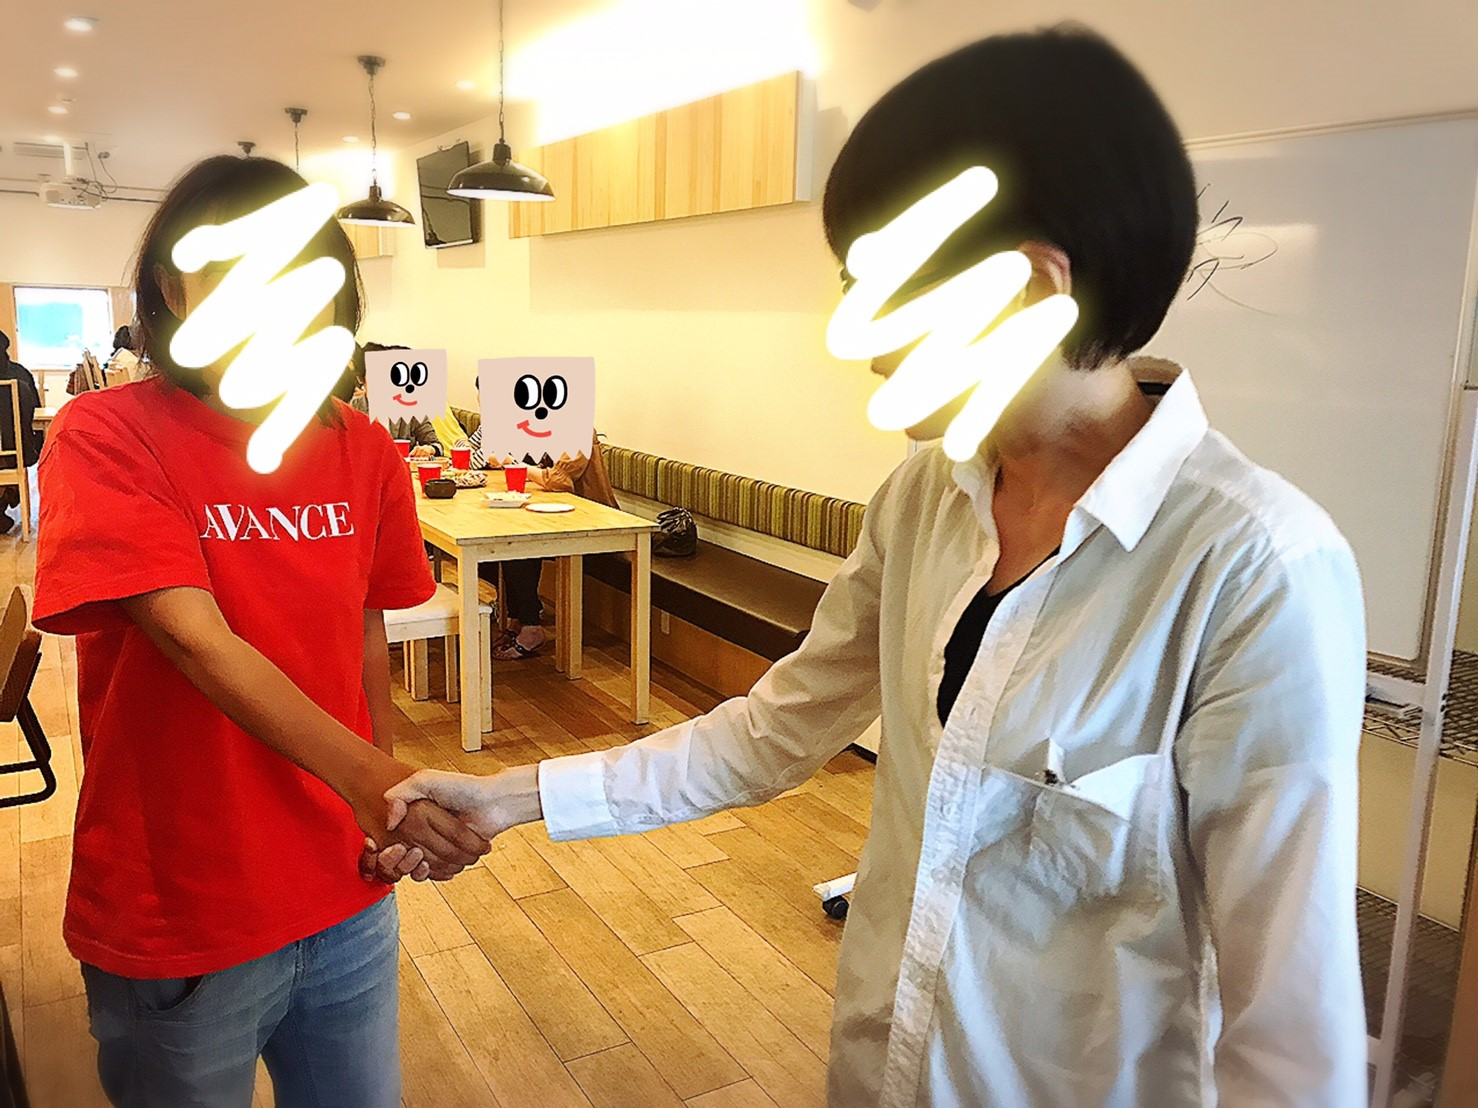 【大阪オフ会報告④】大阪人はカルピスが好き?